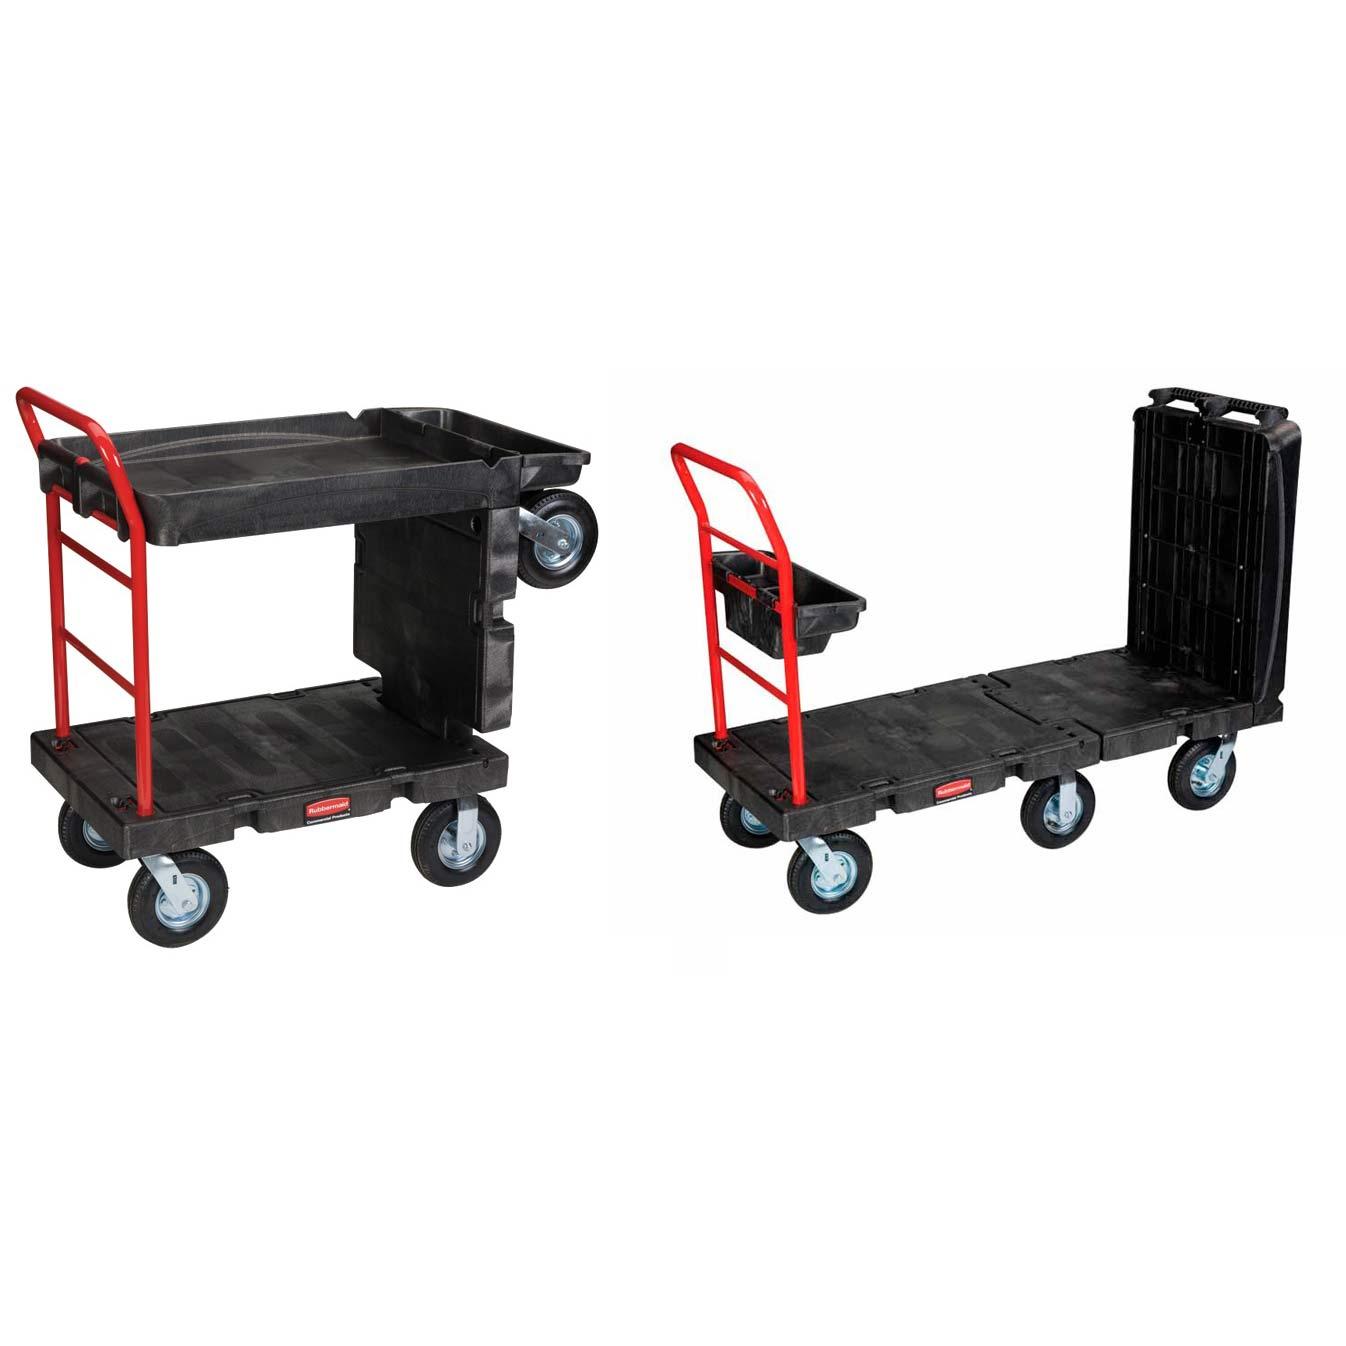 Carros Plataforma, Grupo Meta : Soluciones de Limpieza, Muebles y ...